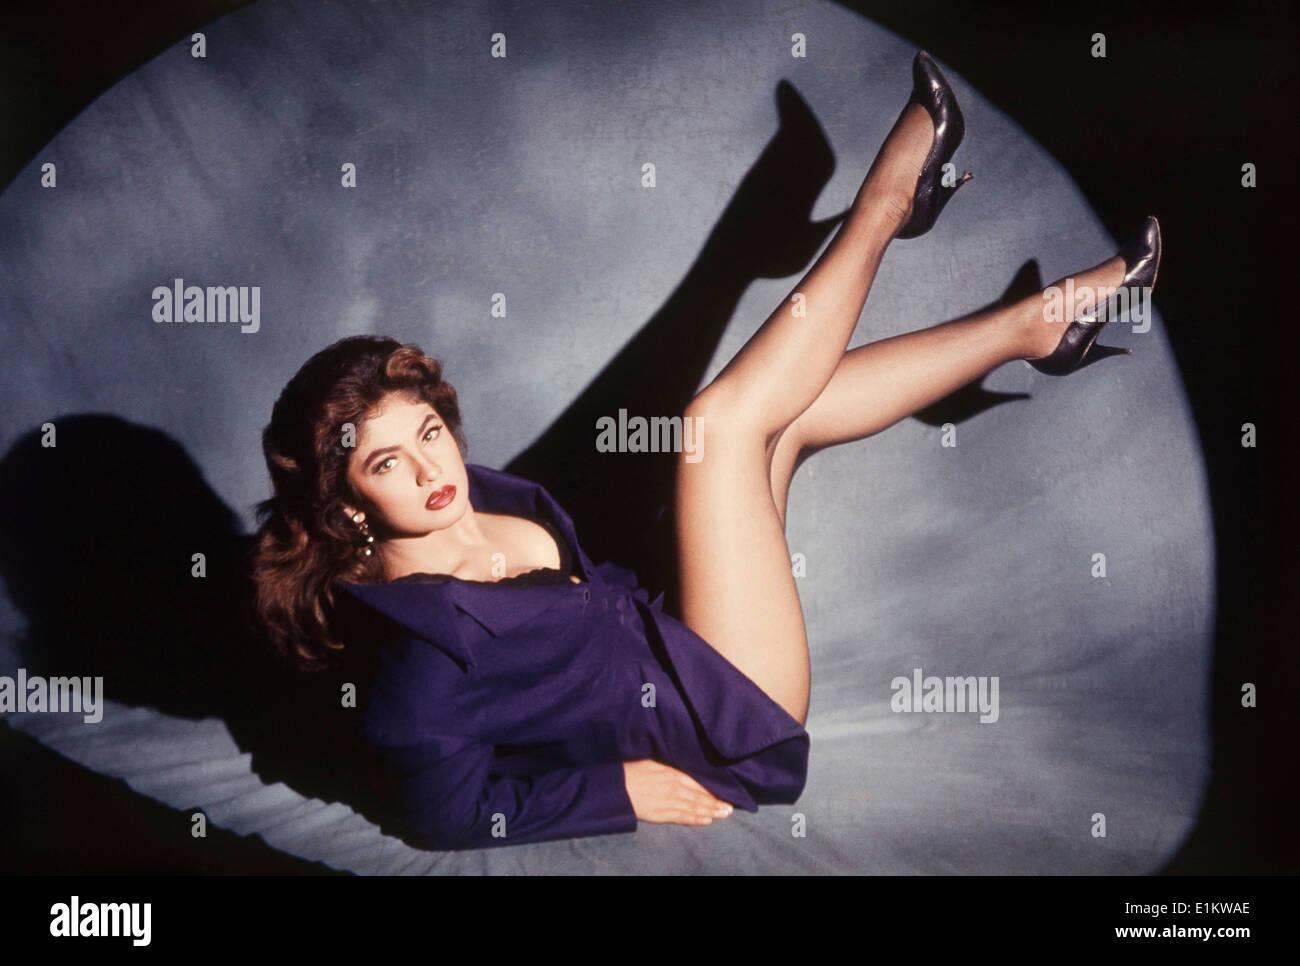 Pooja Bhatt naked (75 photos), Sexy, Sideboobs, Feet, swimsuit 2006